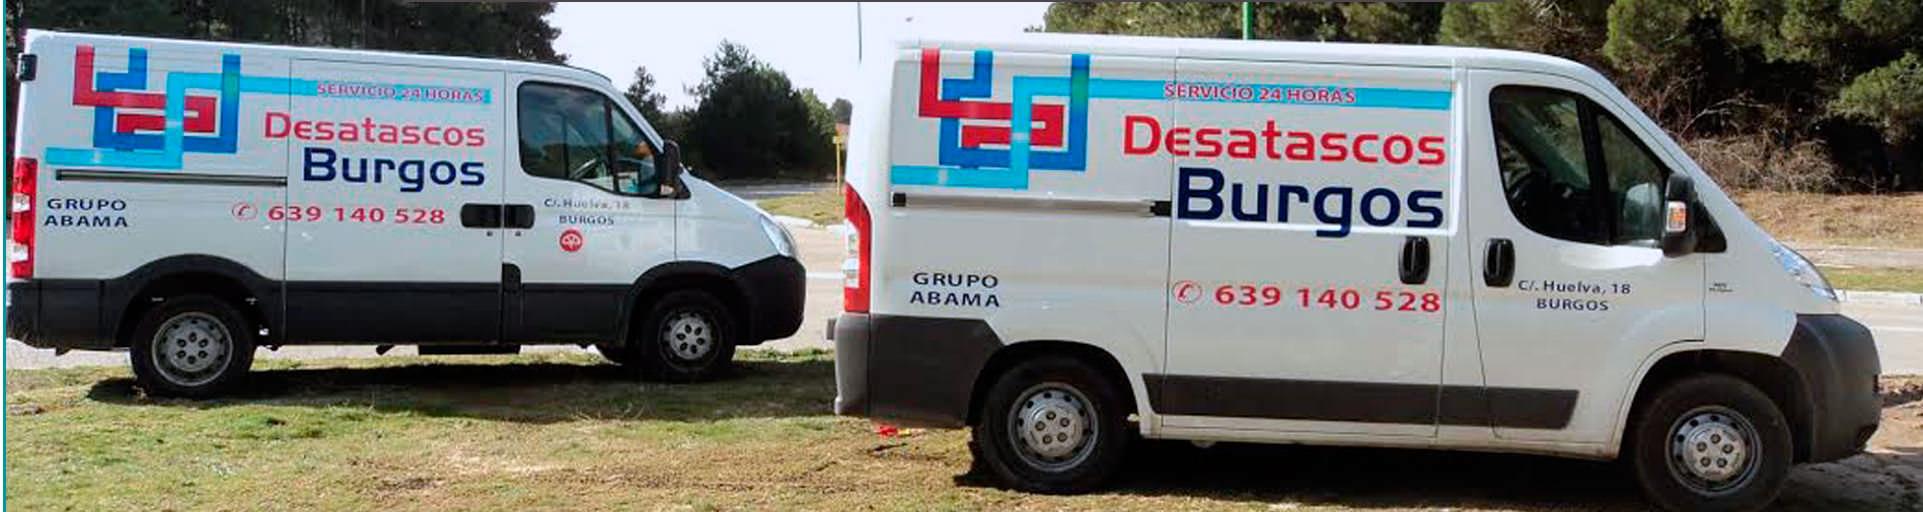 Destatascos en Burgos